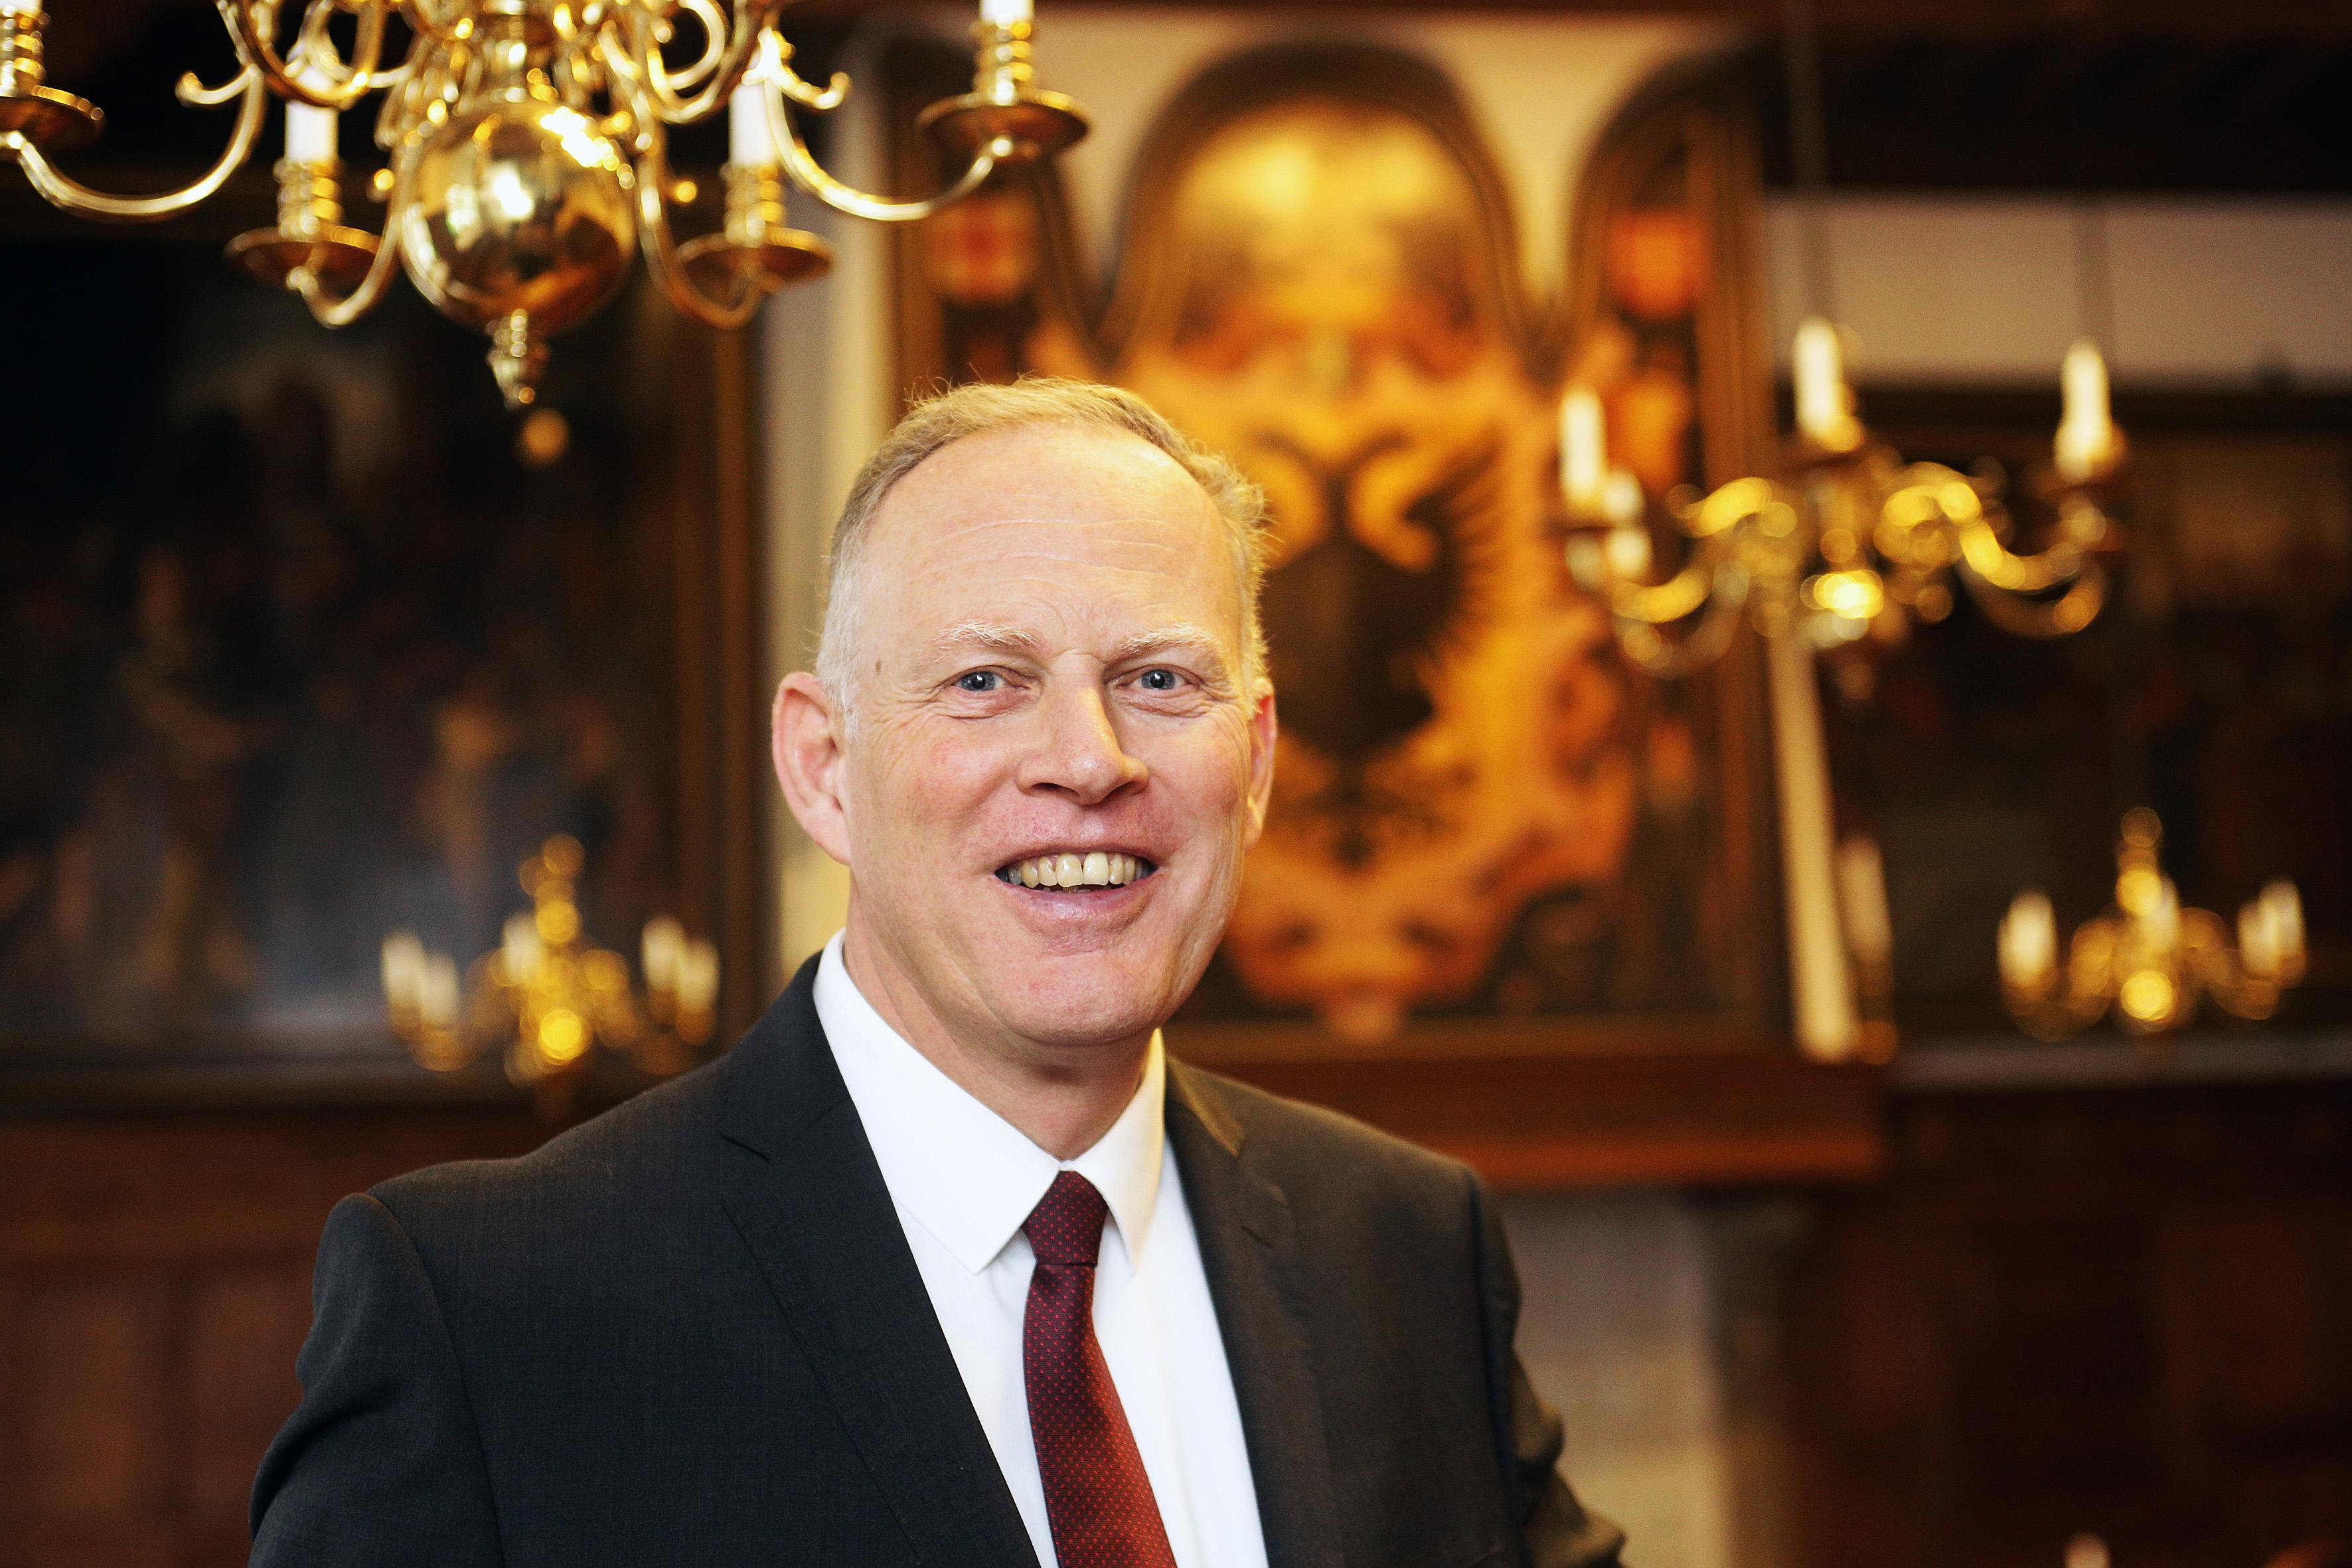 Oproep burgemeester Han ter Heegde van Gooise Meren: wij laten het hier niet gebeuren